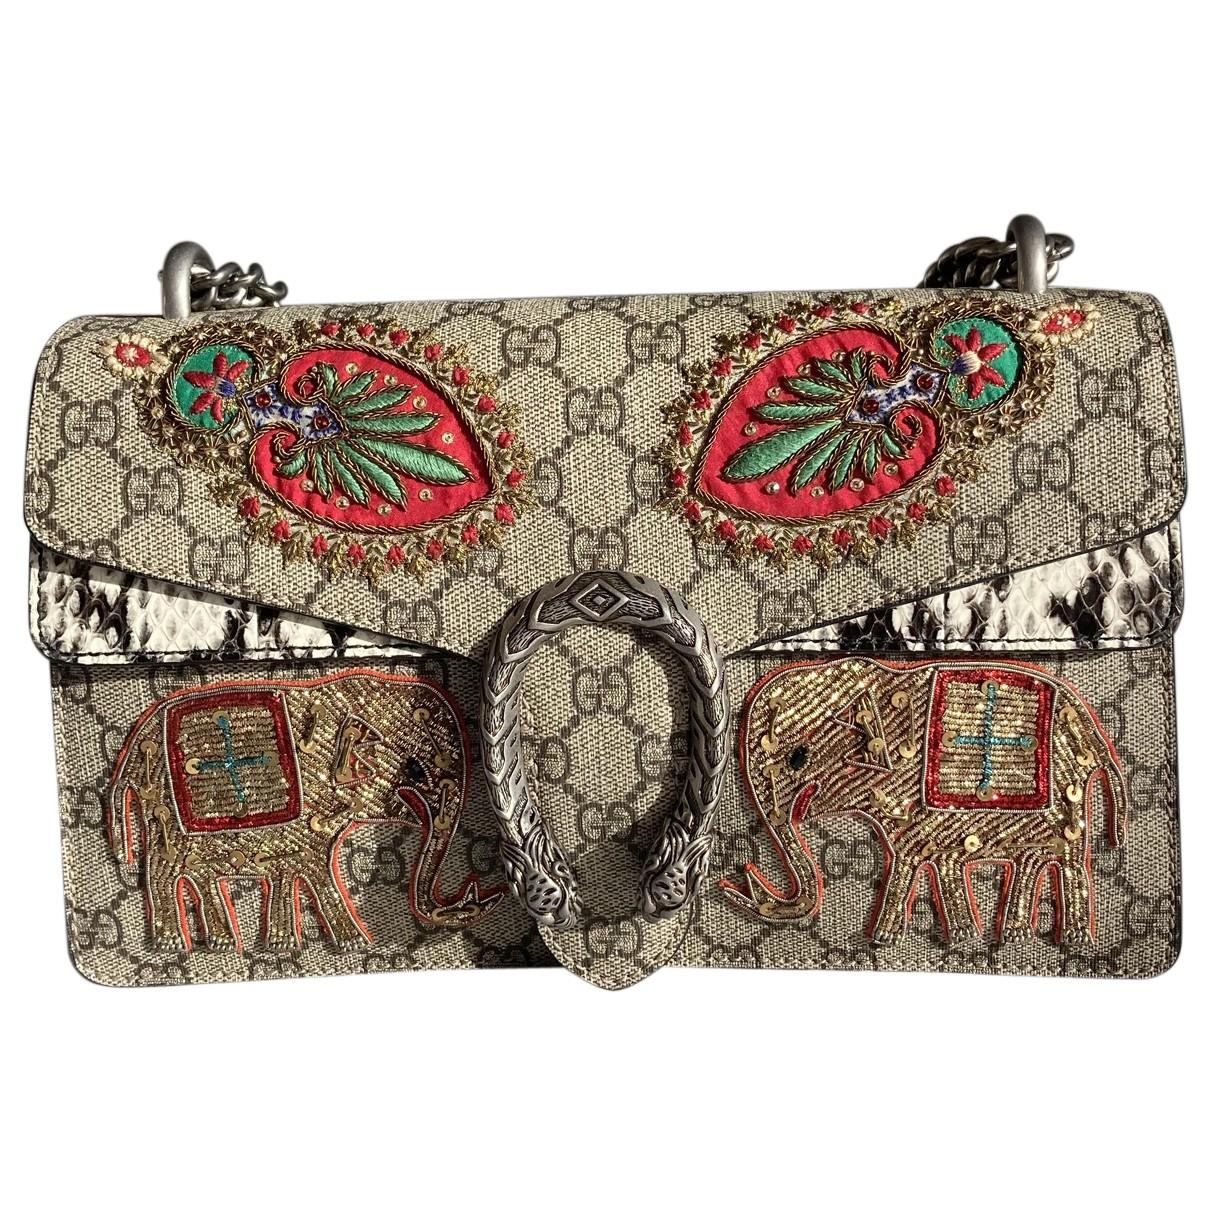 Gucci Dionysus Handtasche in Python